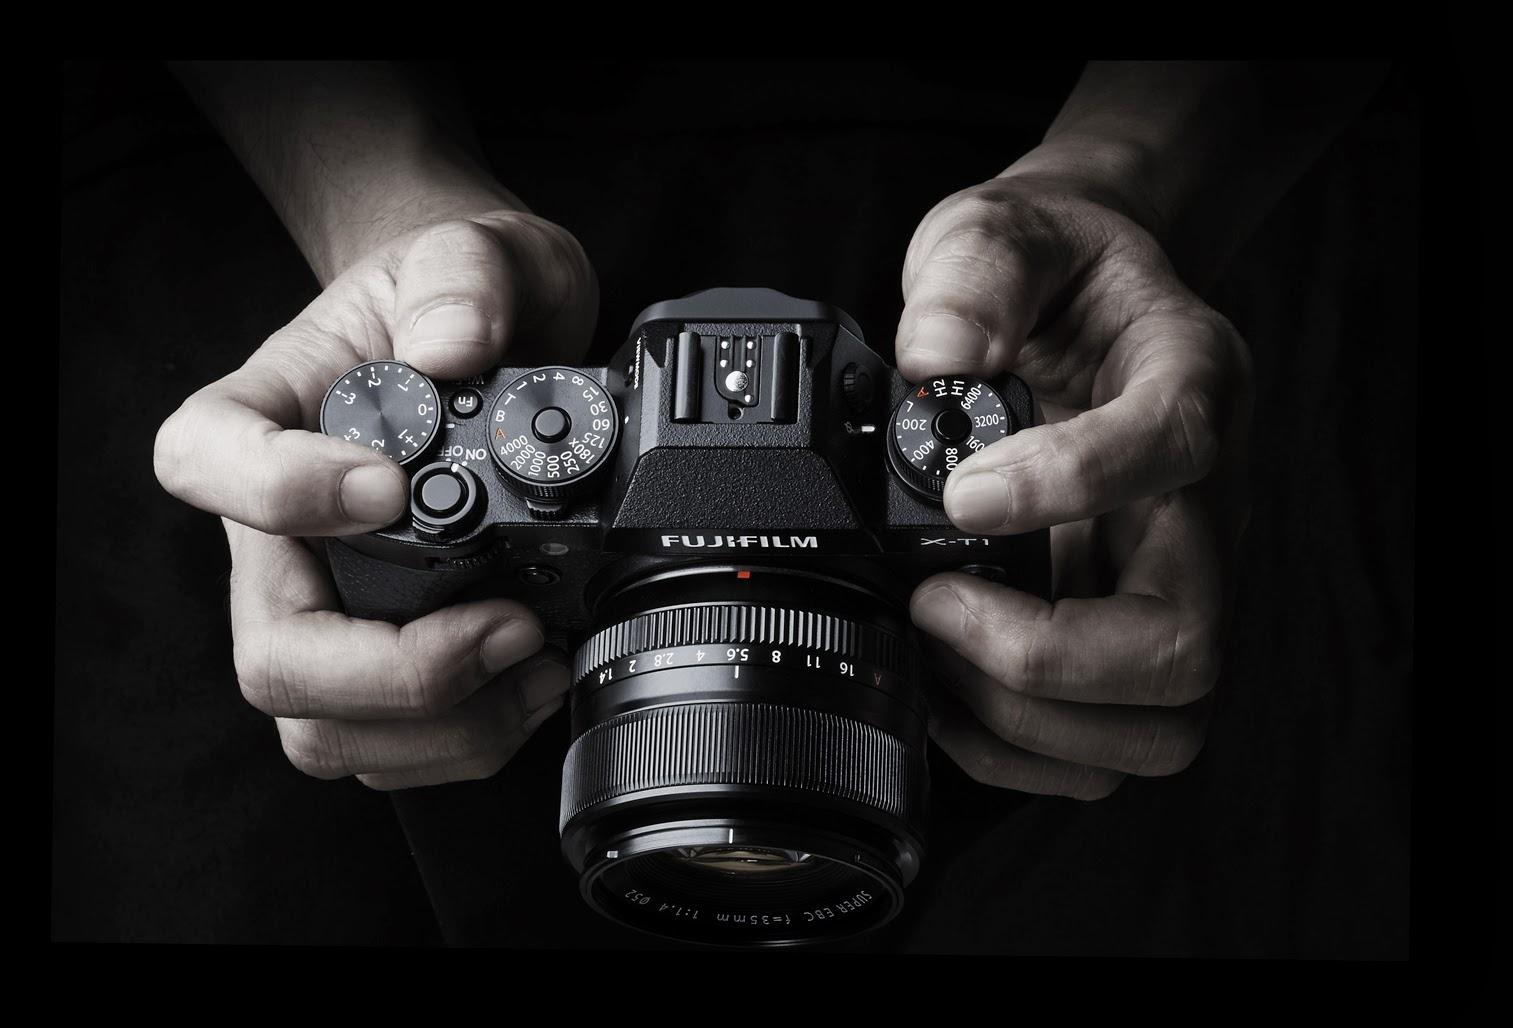 Fujifilm X-T1 Aynasız Fotoğraf Makinesi İncelemesi (VİDEO)